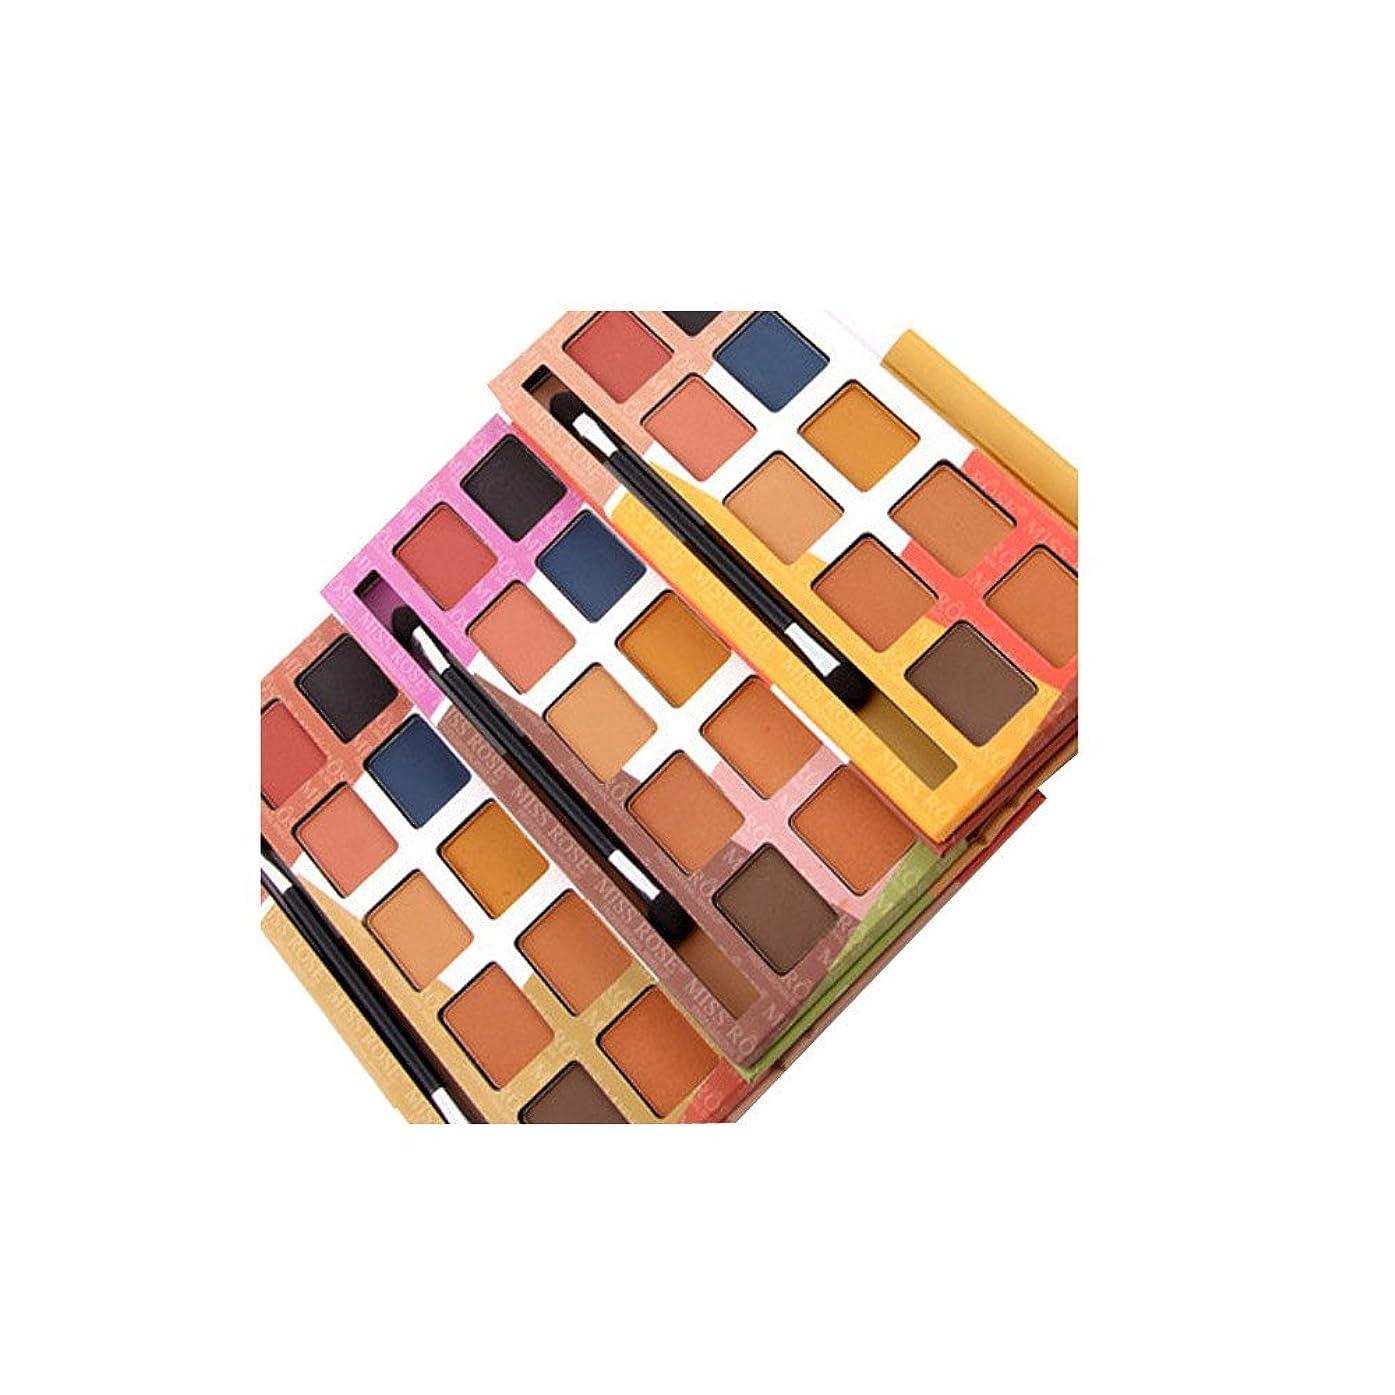 傘作り上げる依存するビューティー アイシャドー Jopinica 10色 MISS ROSE 真珠光沢 つや消し アイシャドウ 2019 極め細かい 携帯便利 使用簡単 綺麗 アイカラー プレイカラー パウダータイプ パウダーチップ 美容 魅力